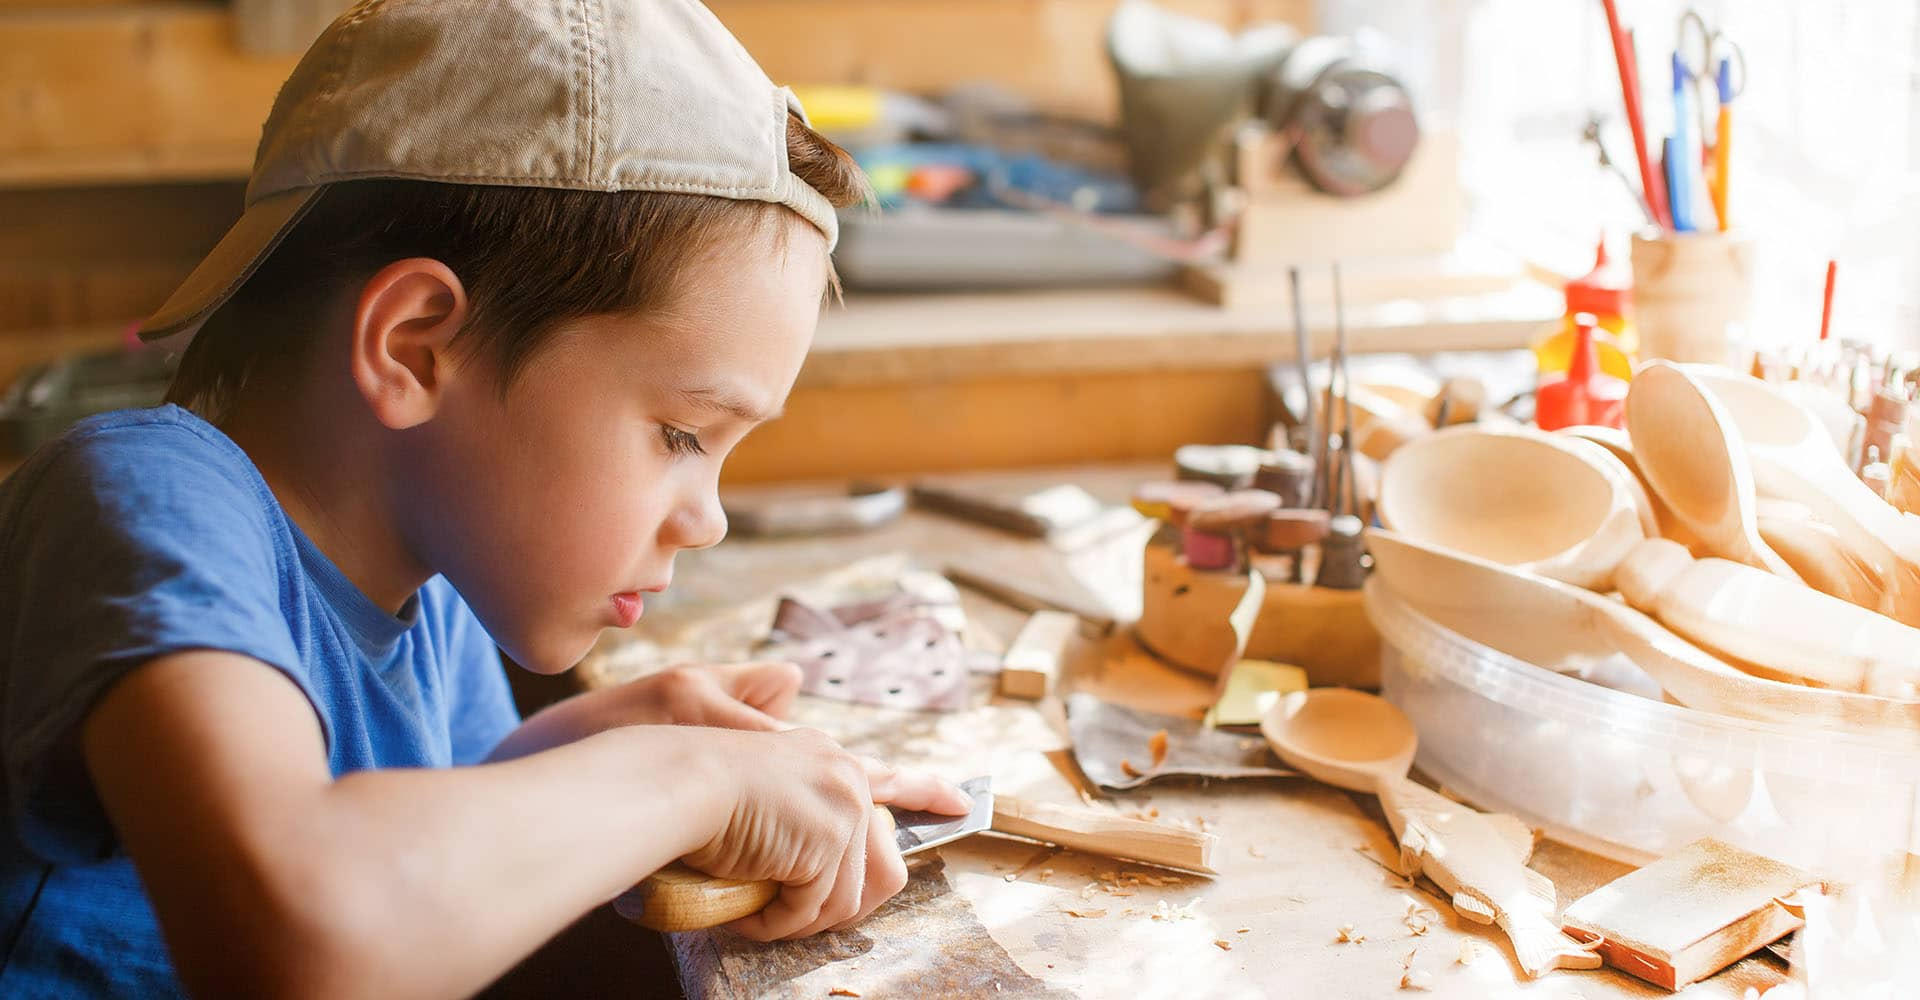 Junge arbeitet an Werkbank für Kinder